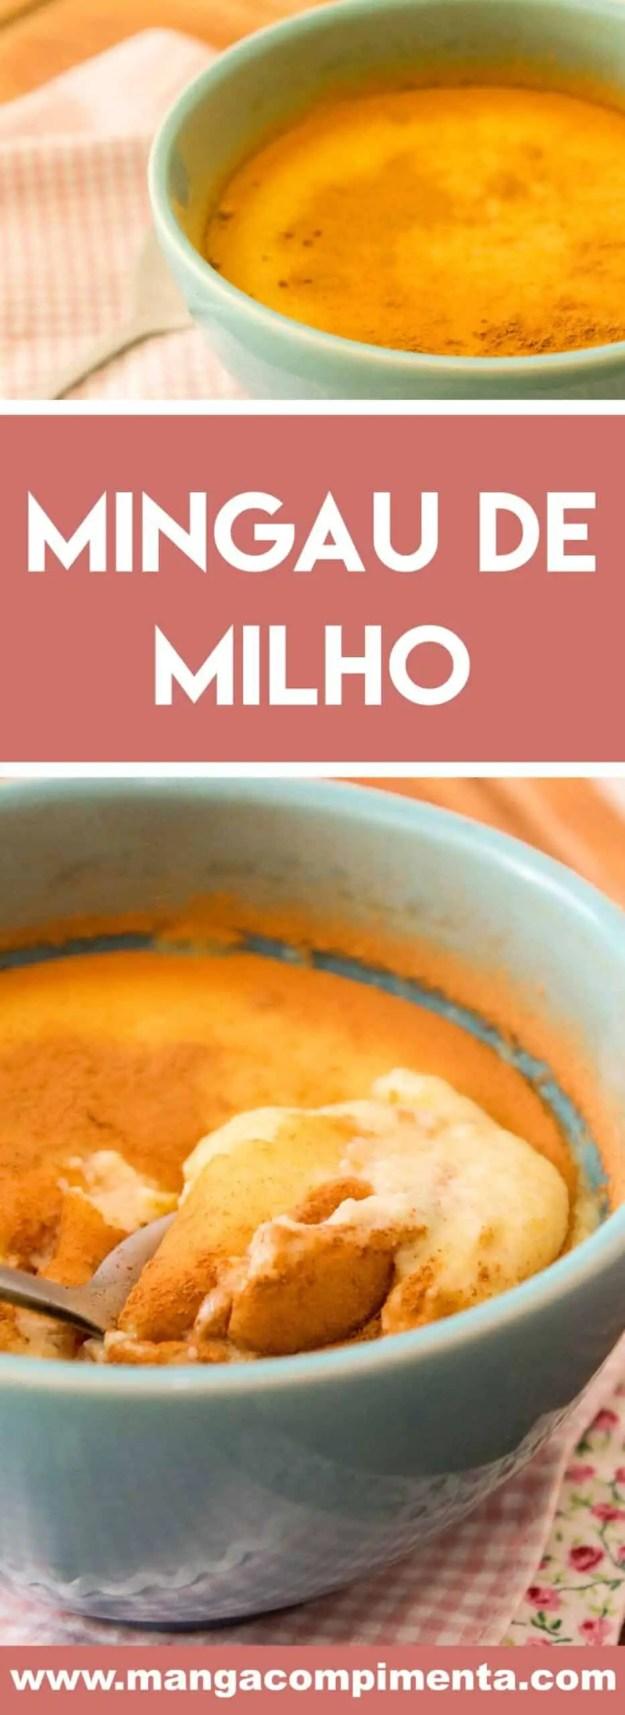 Receita de Mingau de Milho Verde - prepare nesse inverno, para comer junto com a família!